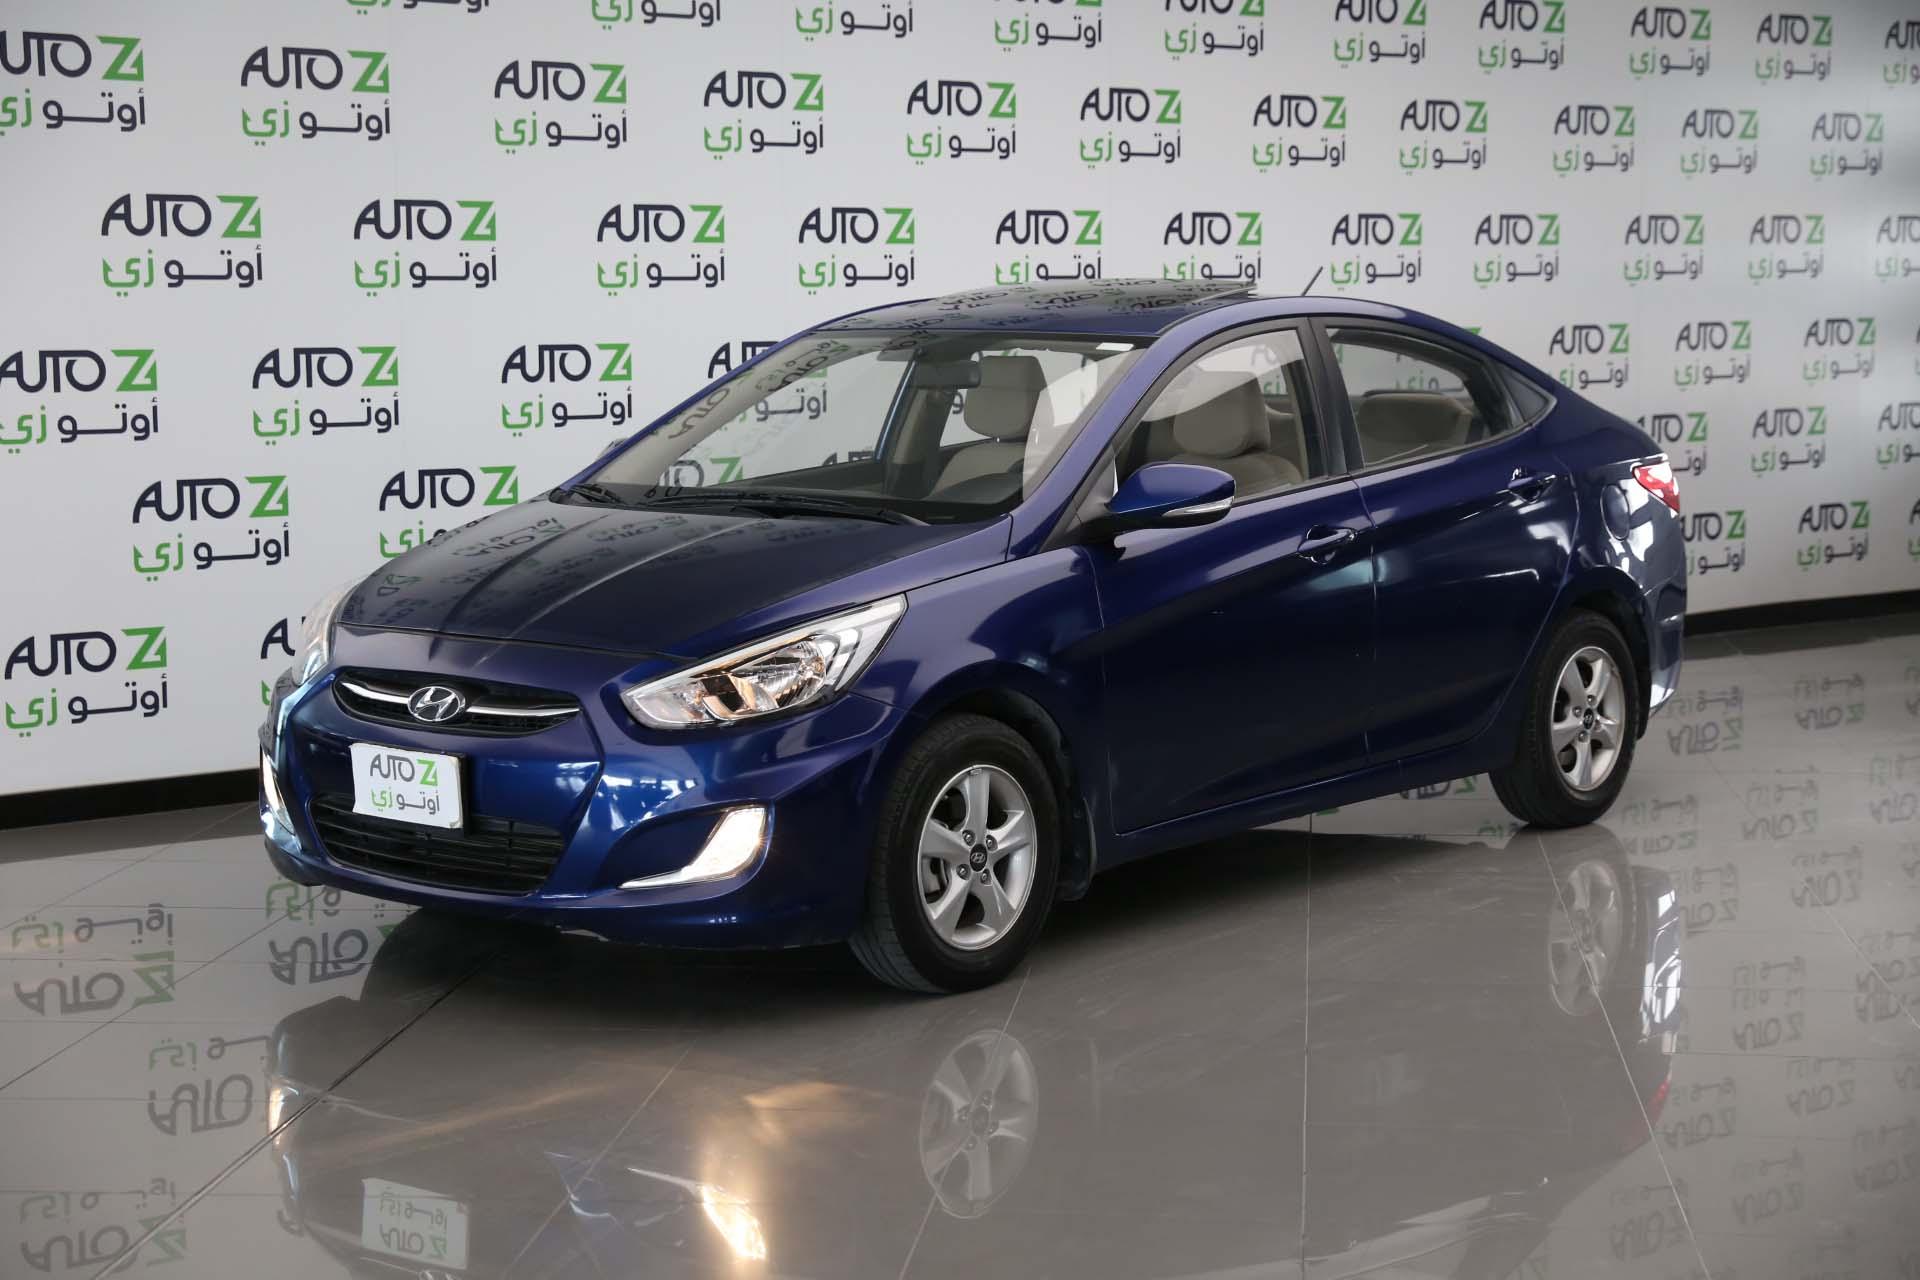 Hyundai Accent 1.6—2017-Blue